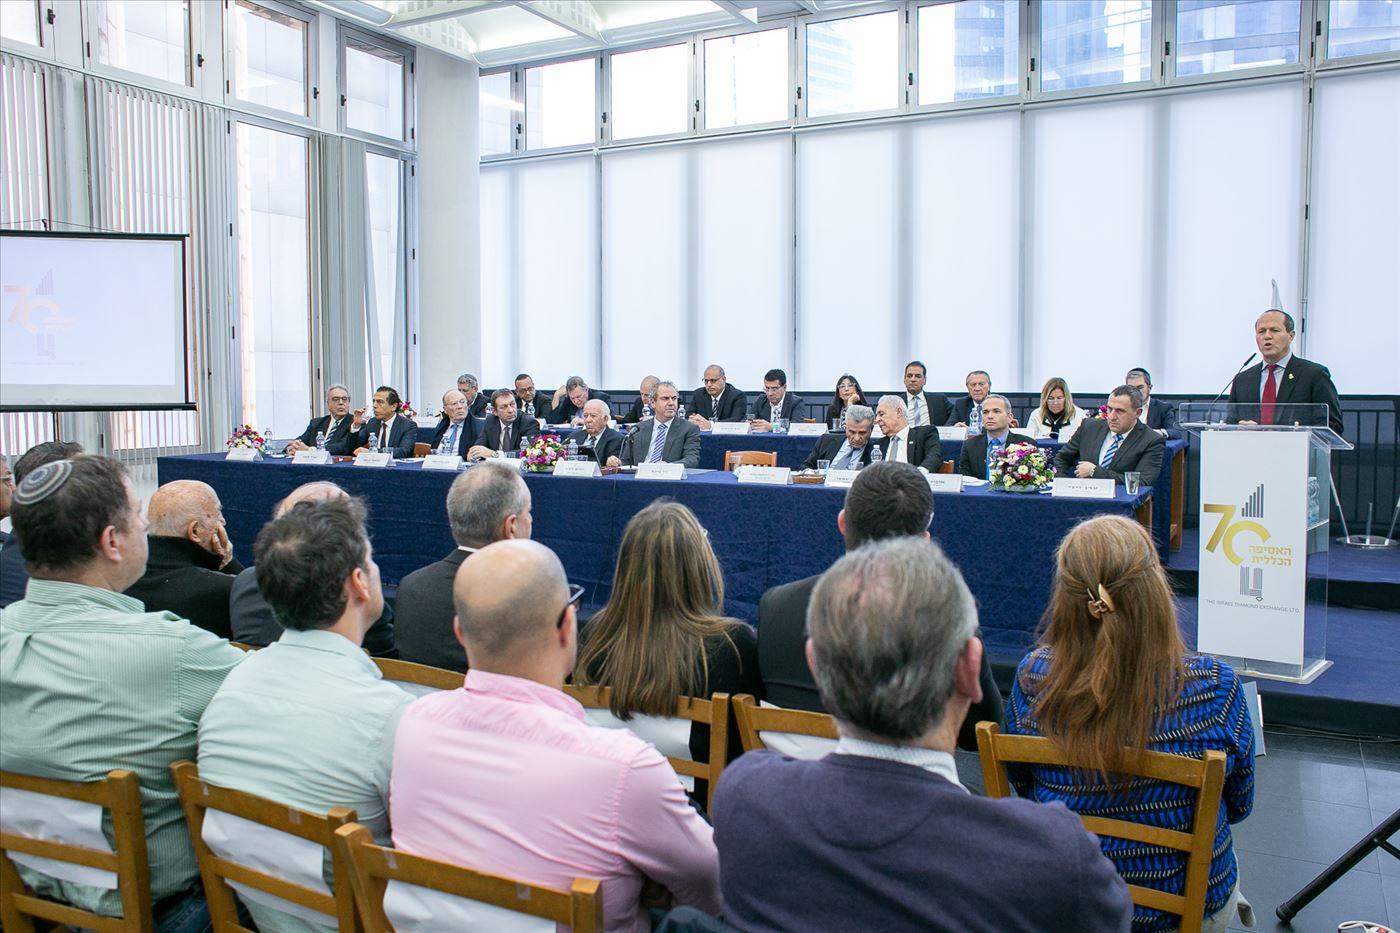 גלרייה - האסיפה הכללית ה-70 תמונה 212 מתוך 239